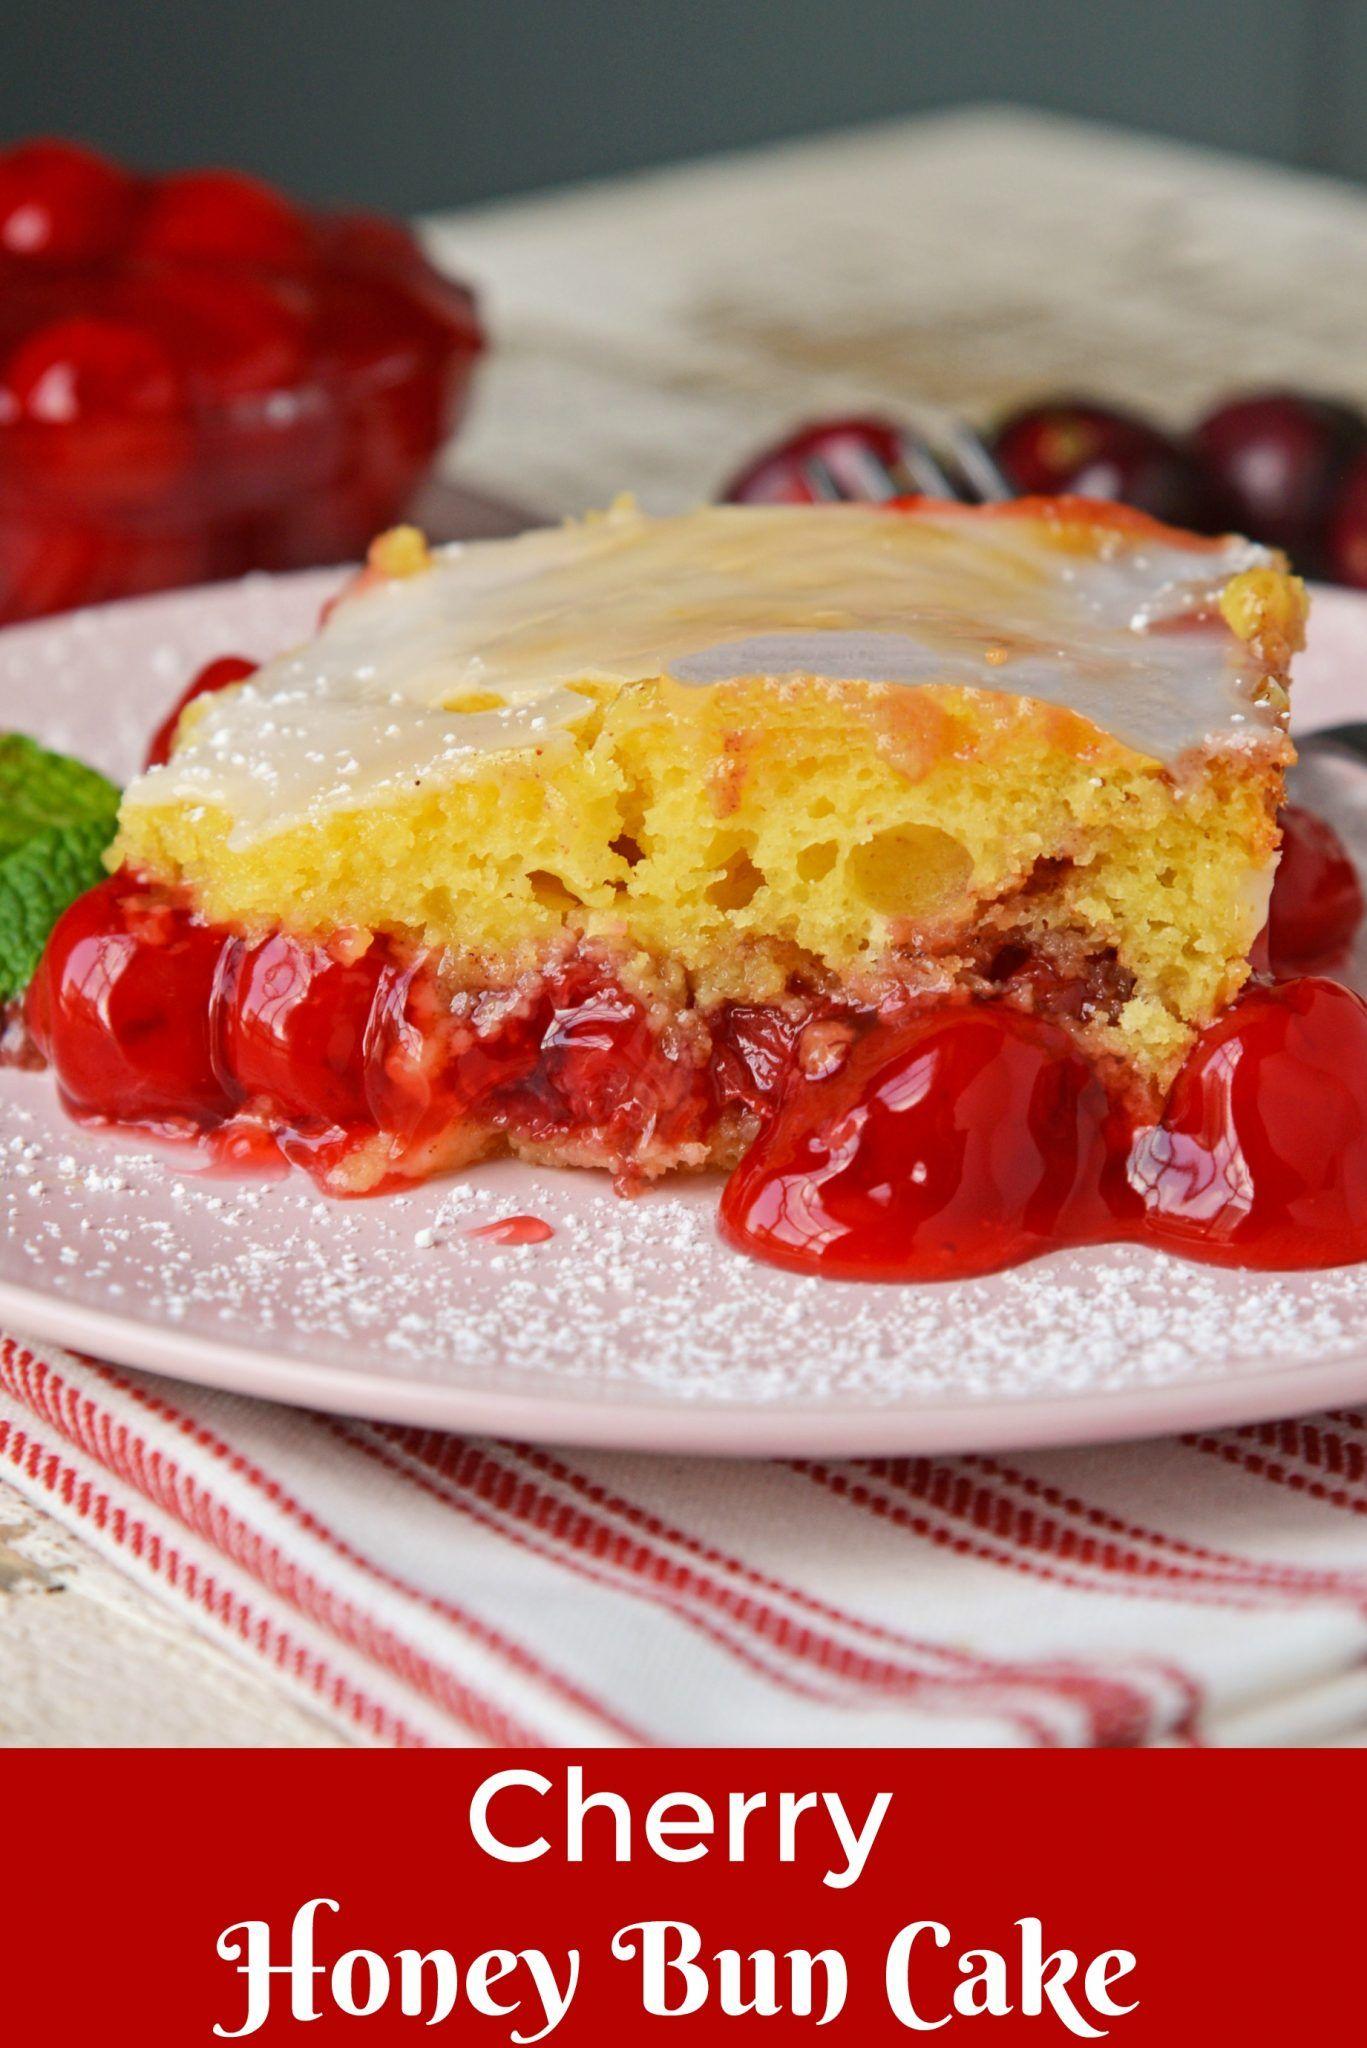 What Is Better Than A Honey Bun Cake A Cherry Honey Bun